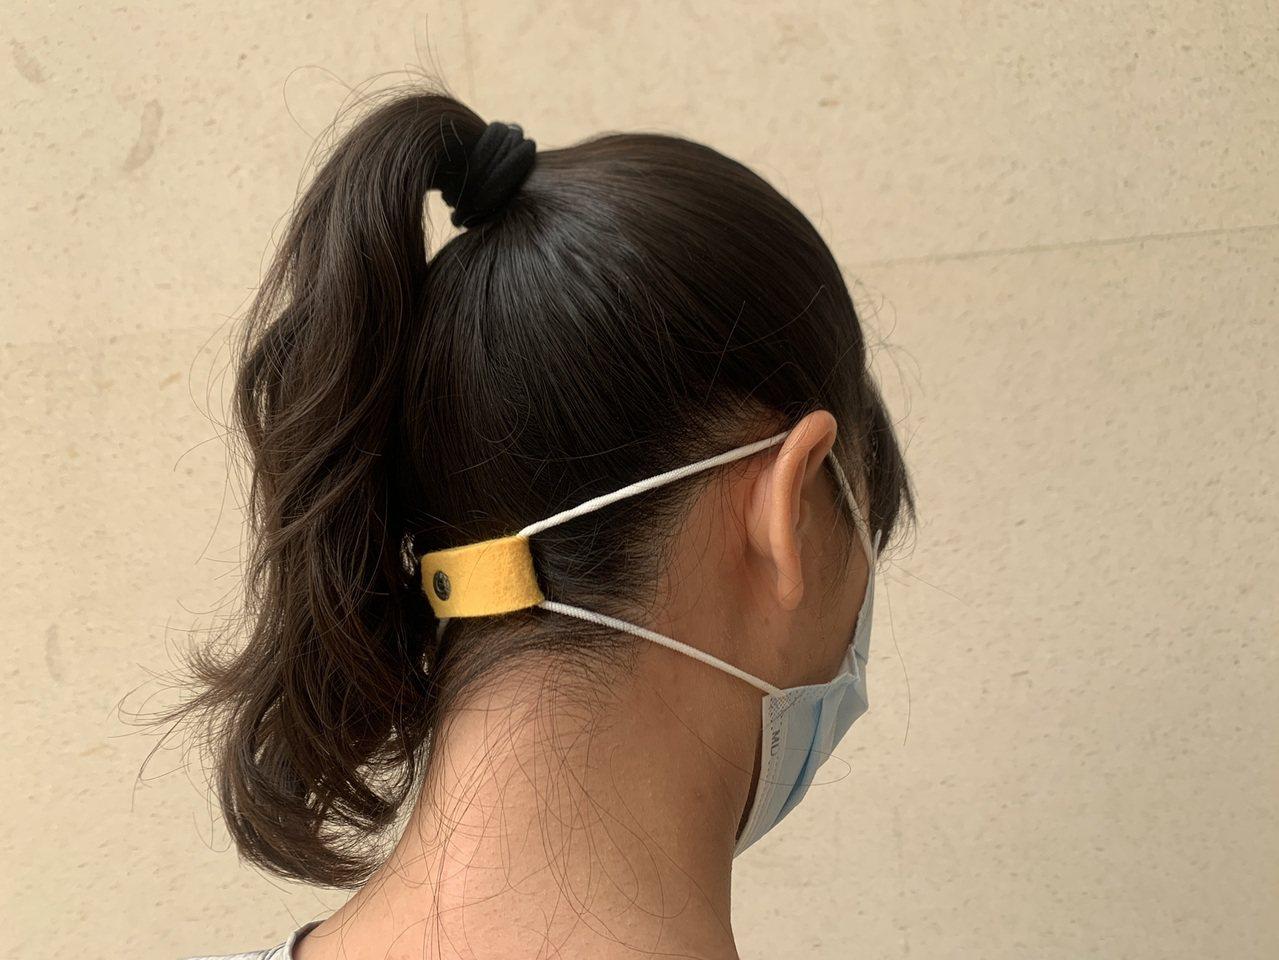 民眾自創口罩減壓方法,調整口罩耳帶角度,避免直接摩擦耳朵皮膚,導致紅腫、疼痛,甚...